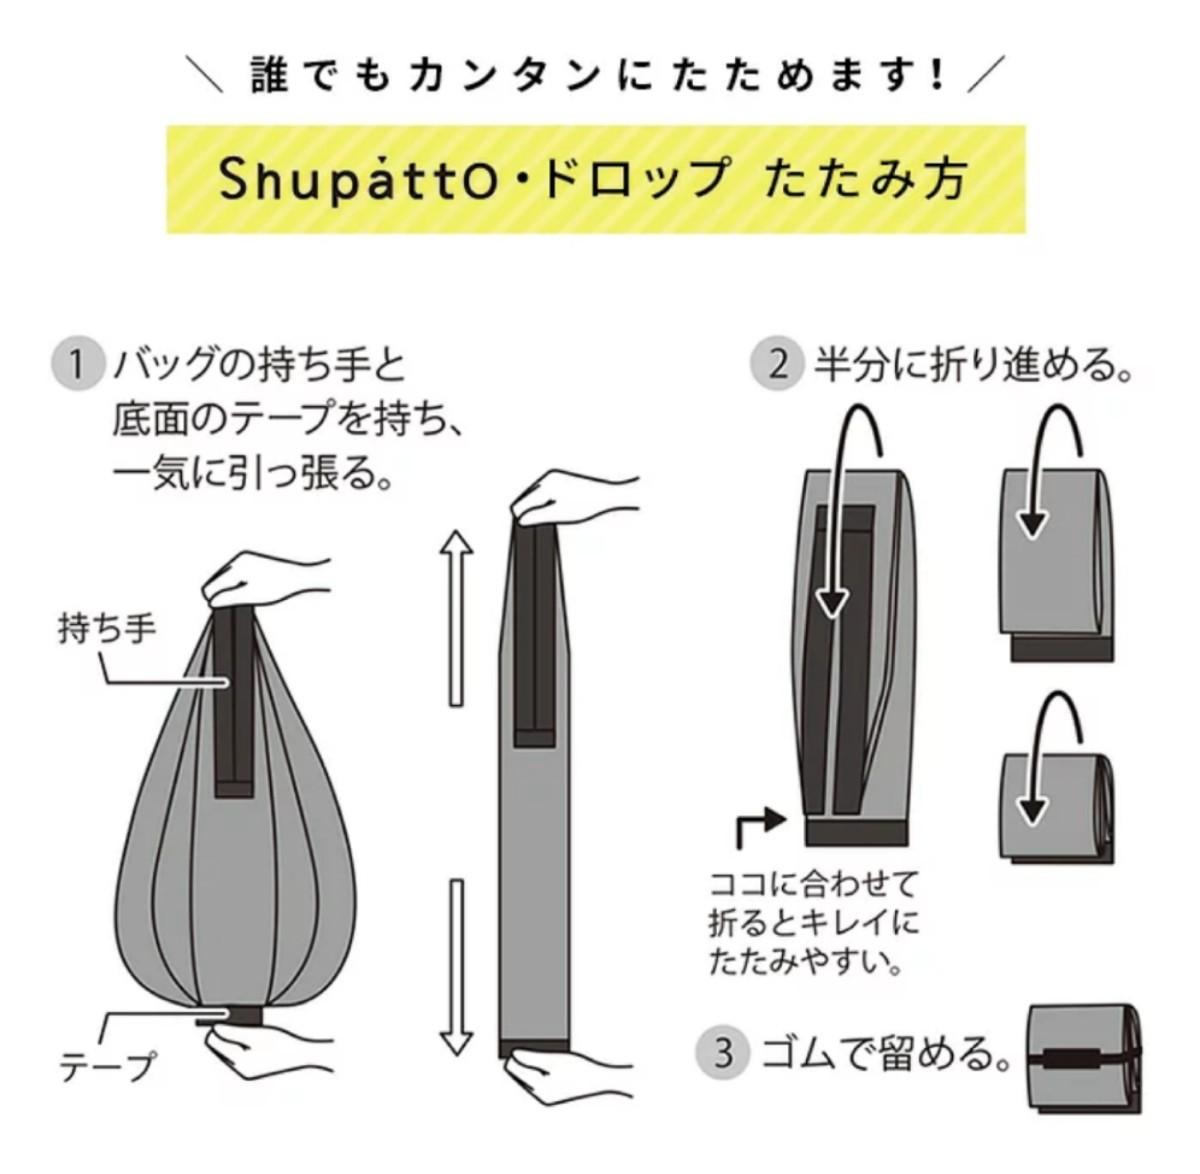 コンパクトエコバッグ Shupatto シュパット DROP(ドロップ)!お得な2個セット!!人気カラーピンク&レモンのセット!